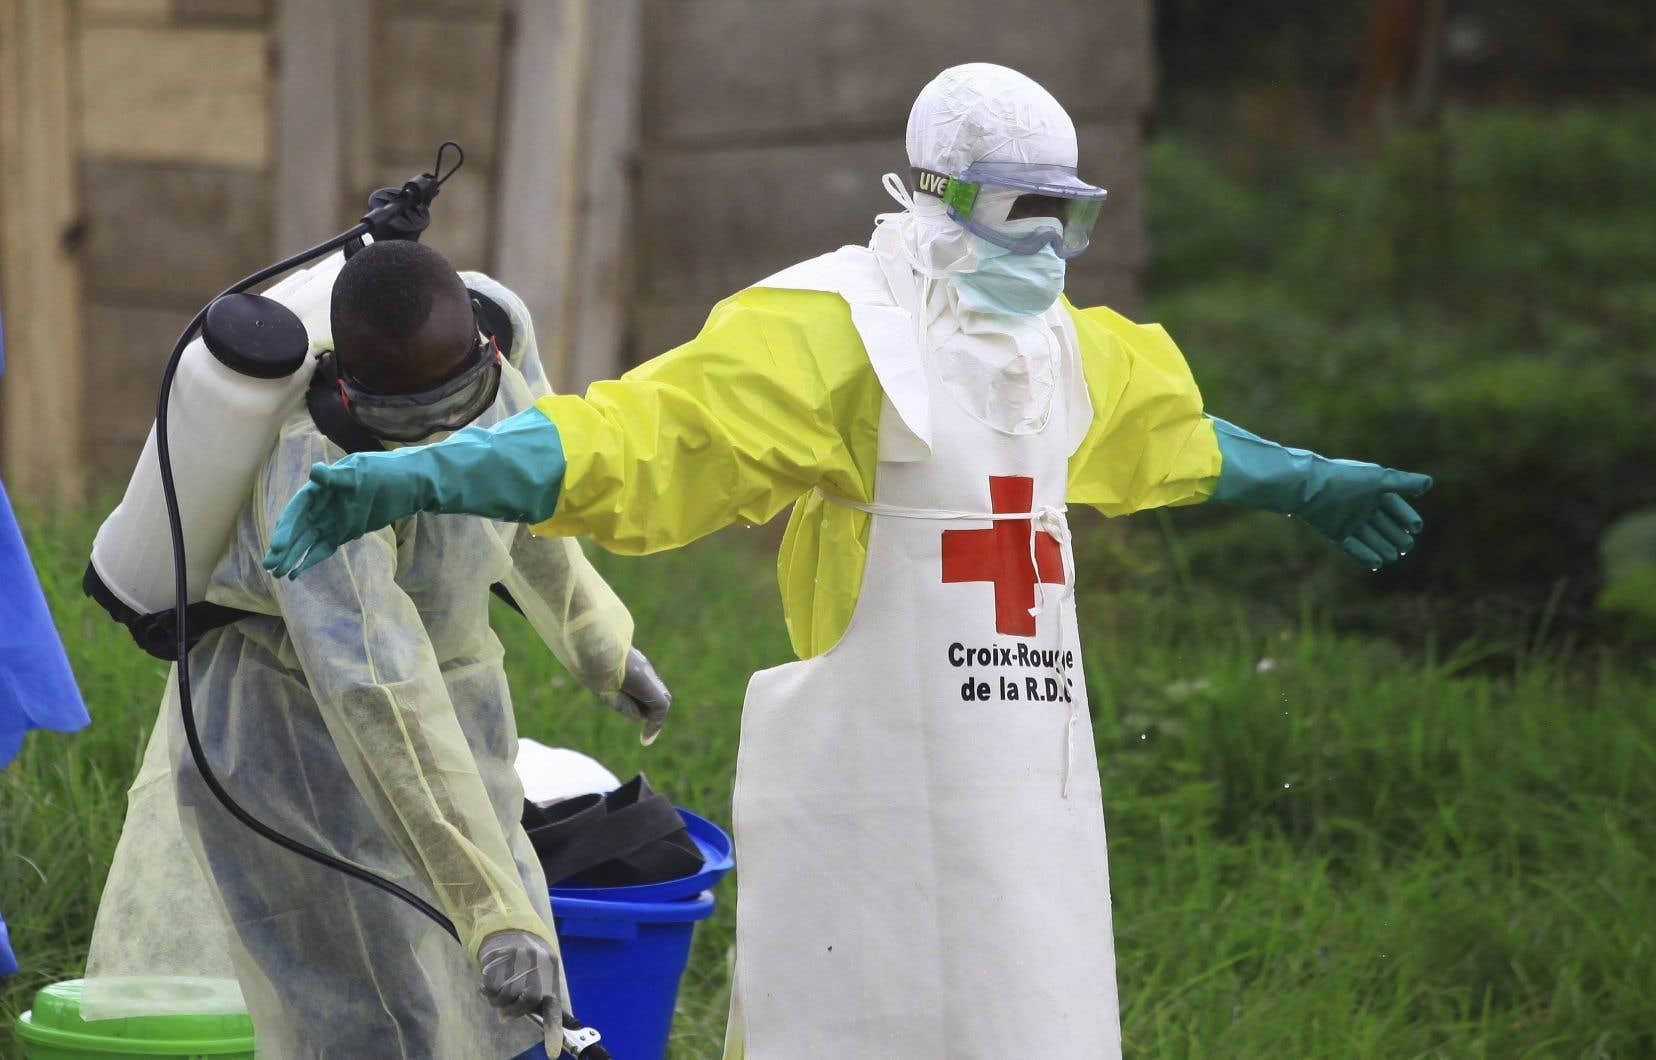 Le virus Ebola se transmet le plus souvent par contact de personne à personne, de personne à objets contaminés et d'animaux à personne.